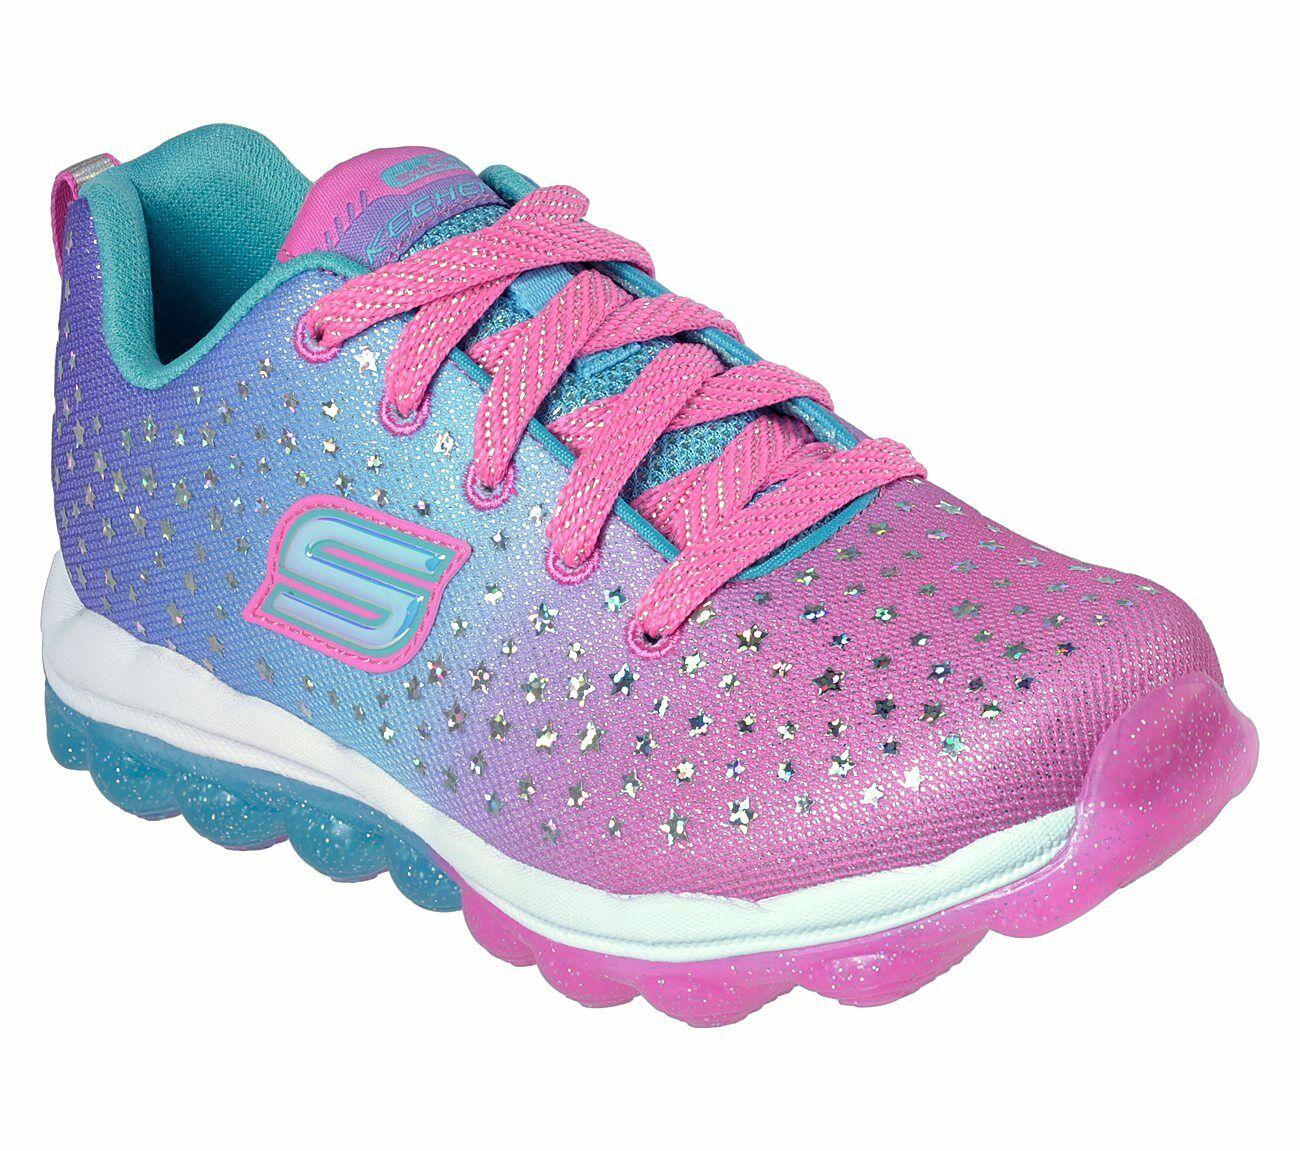 Details zu NEU SKECHERS Mädchen Sneakers SKECH AIR Mehrfarbig Freizeitschuh Trainingsschuh